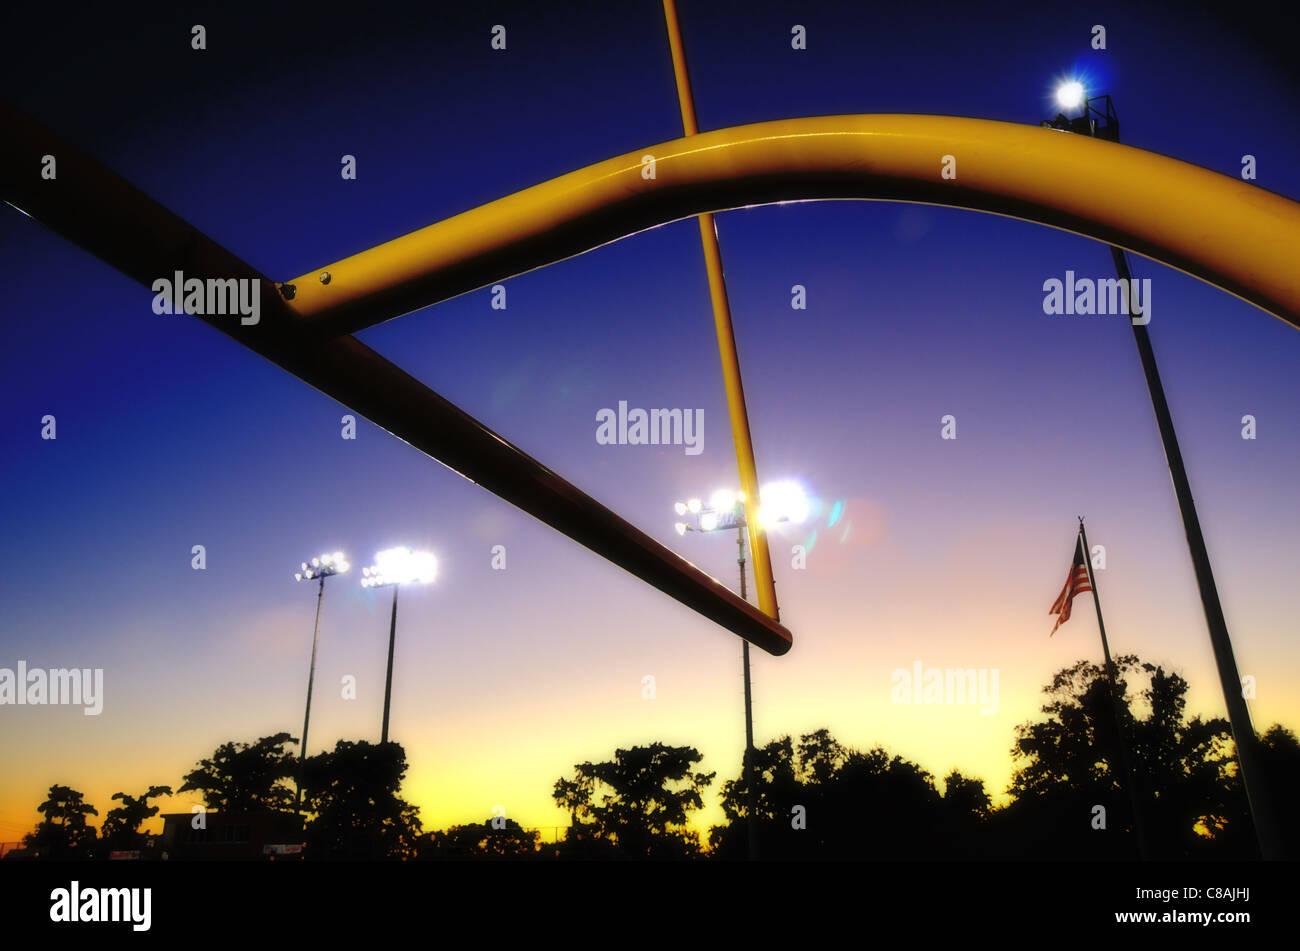 Fútbol americano goalpost al atardecer, con siluetas de línea de árboles y la bandera estadounidense Imagen De Stock